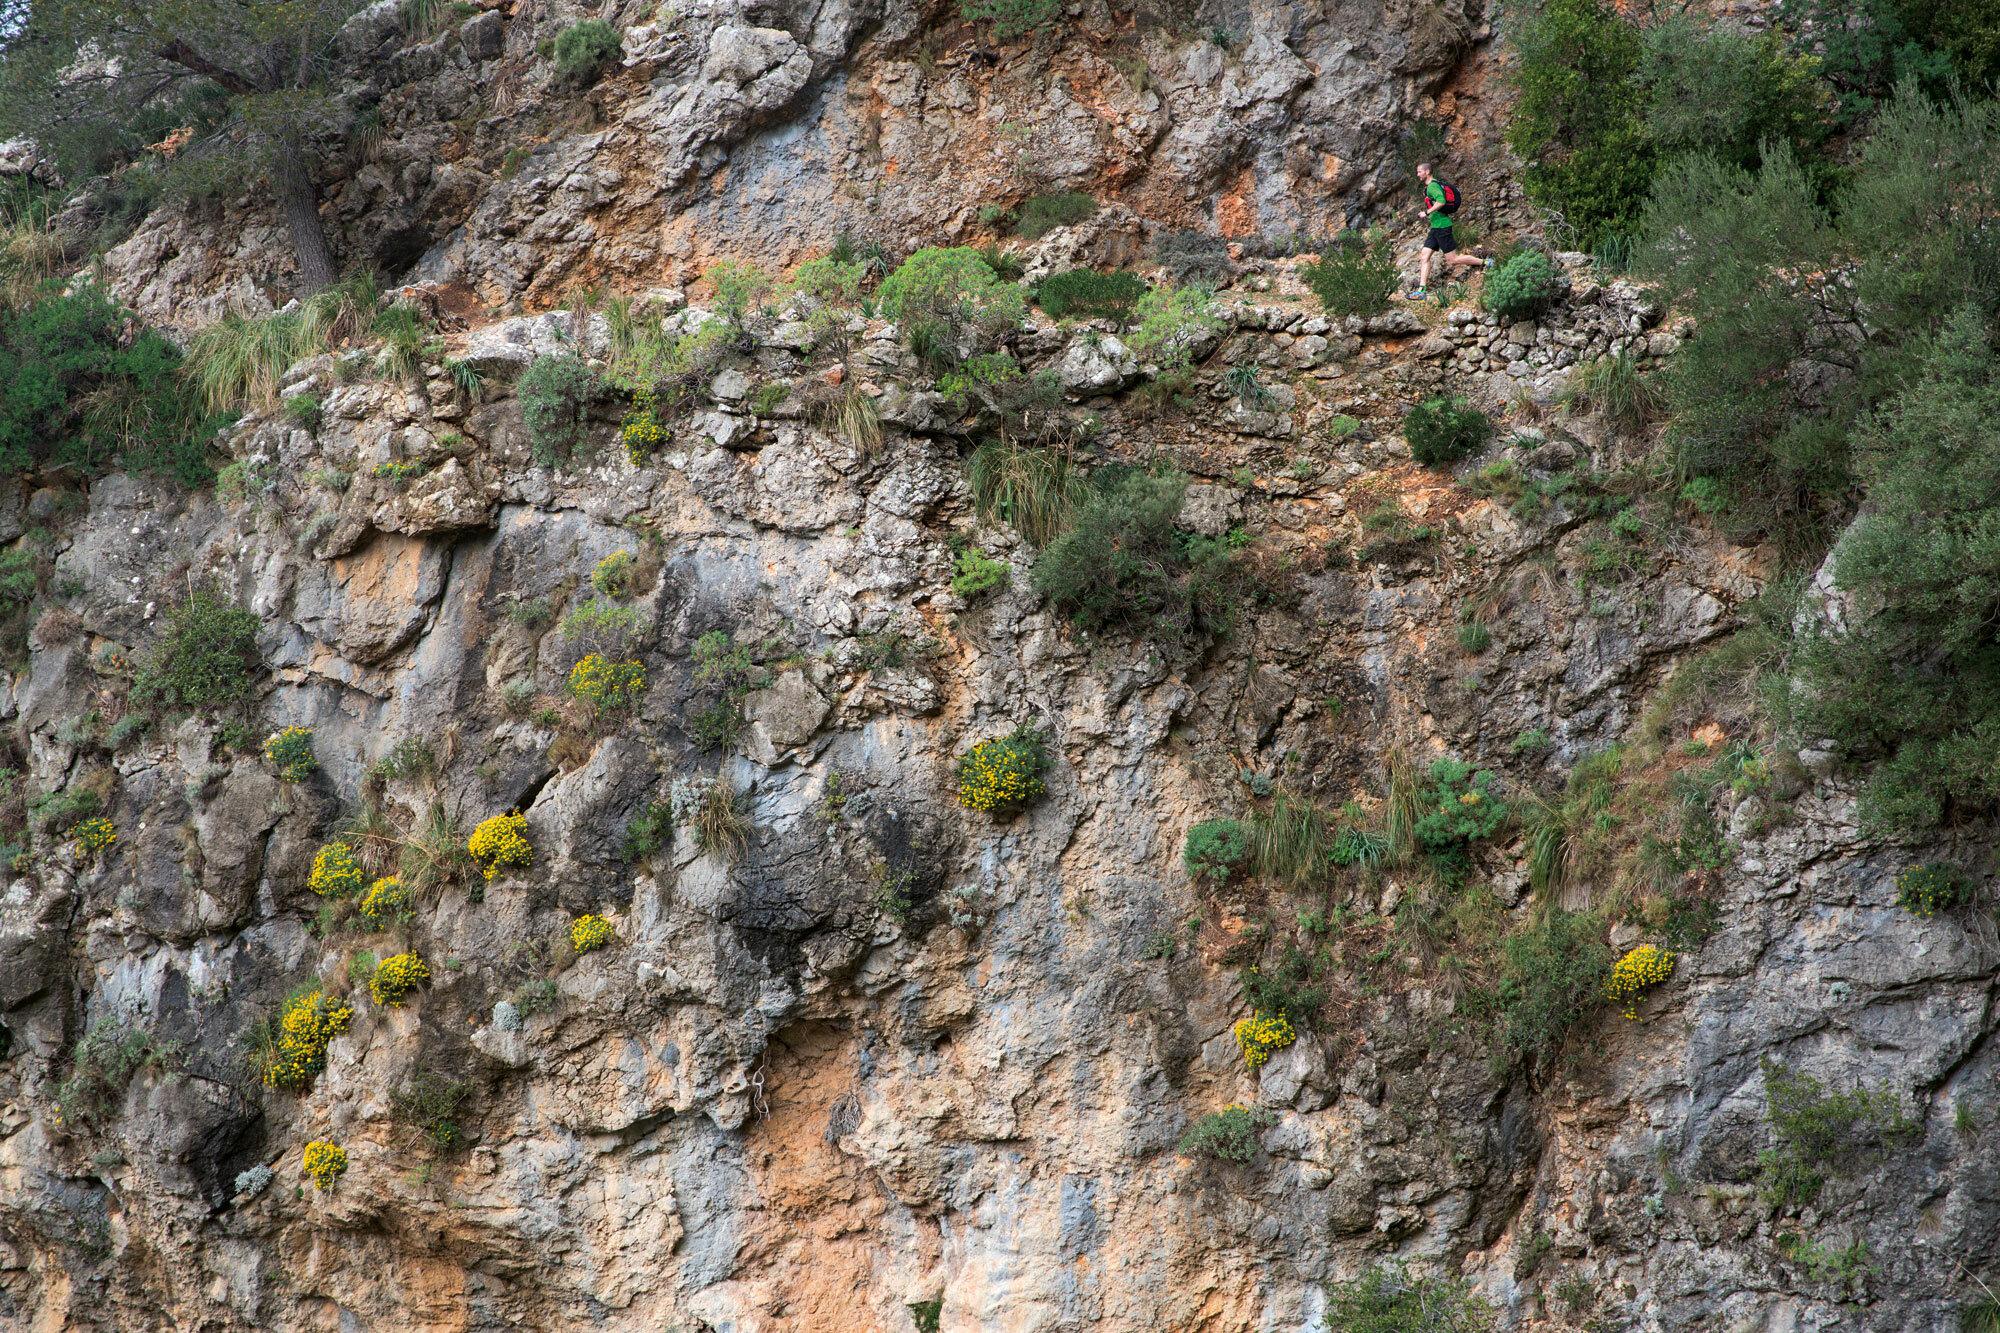 Berglauf statt Ballermann – Trailrunning: Langes Wochenende auf Mallorca